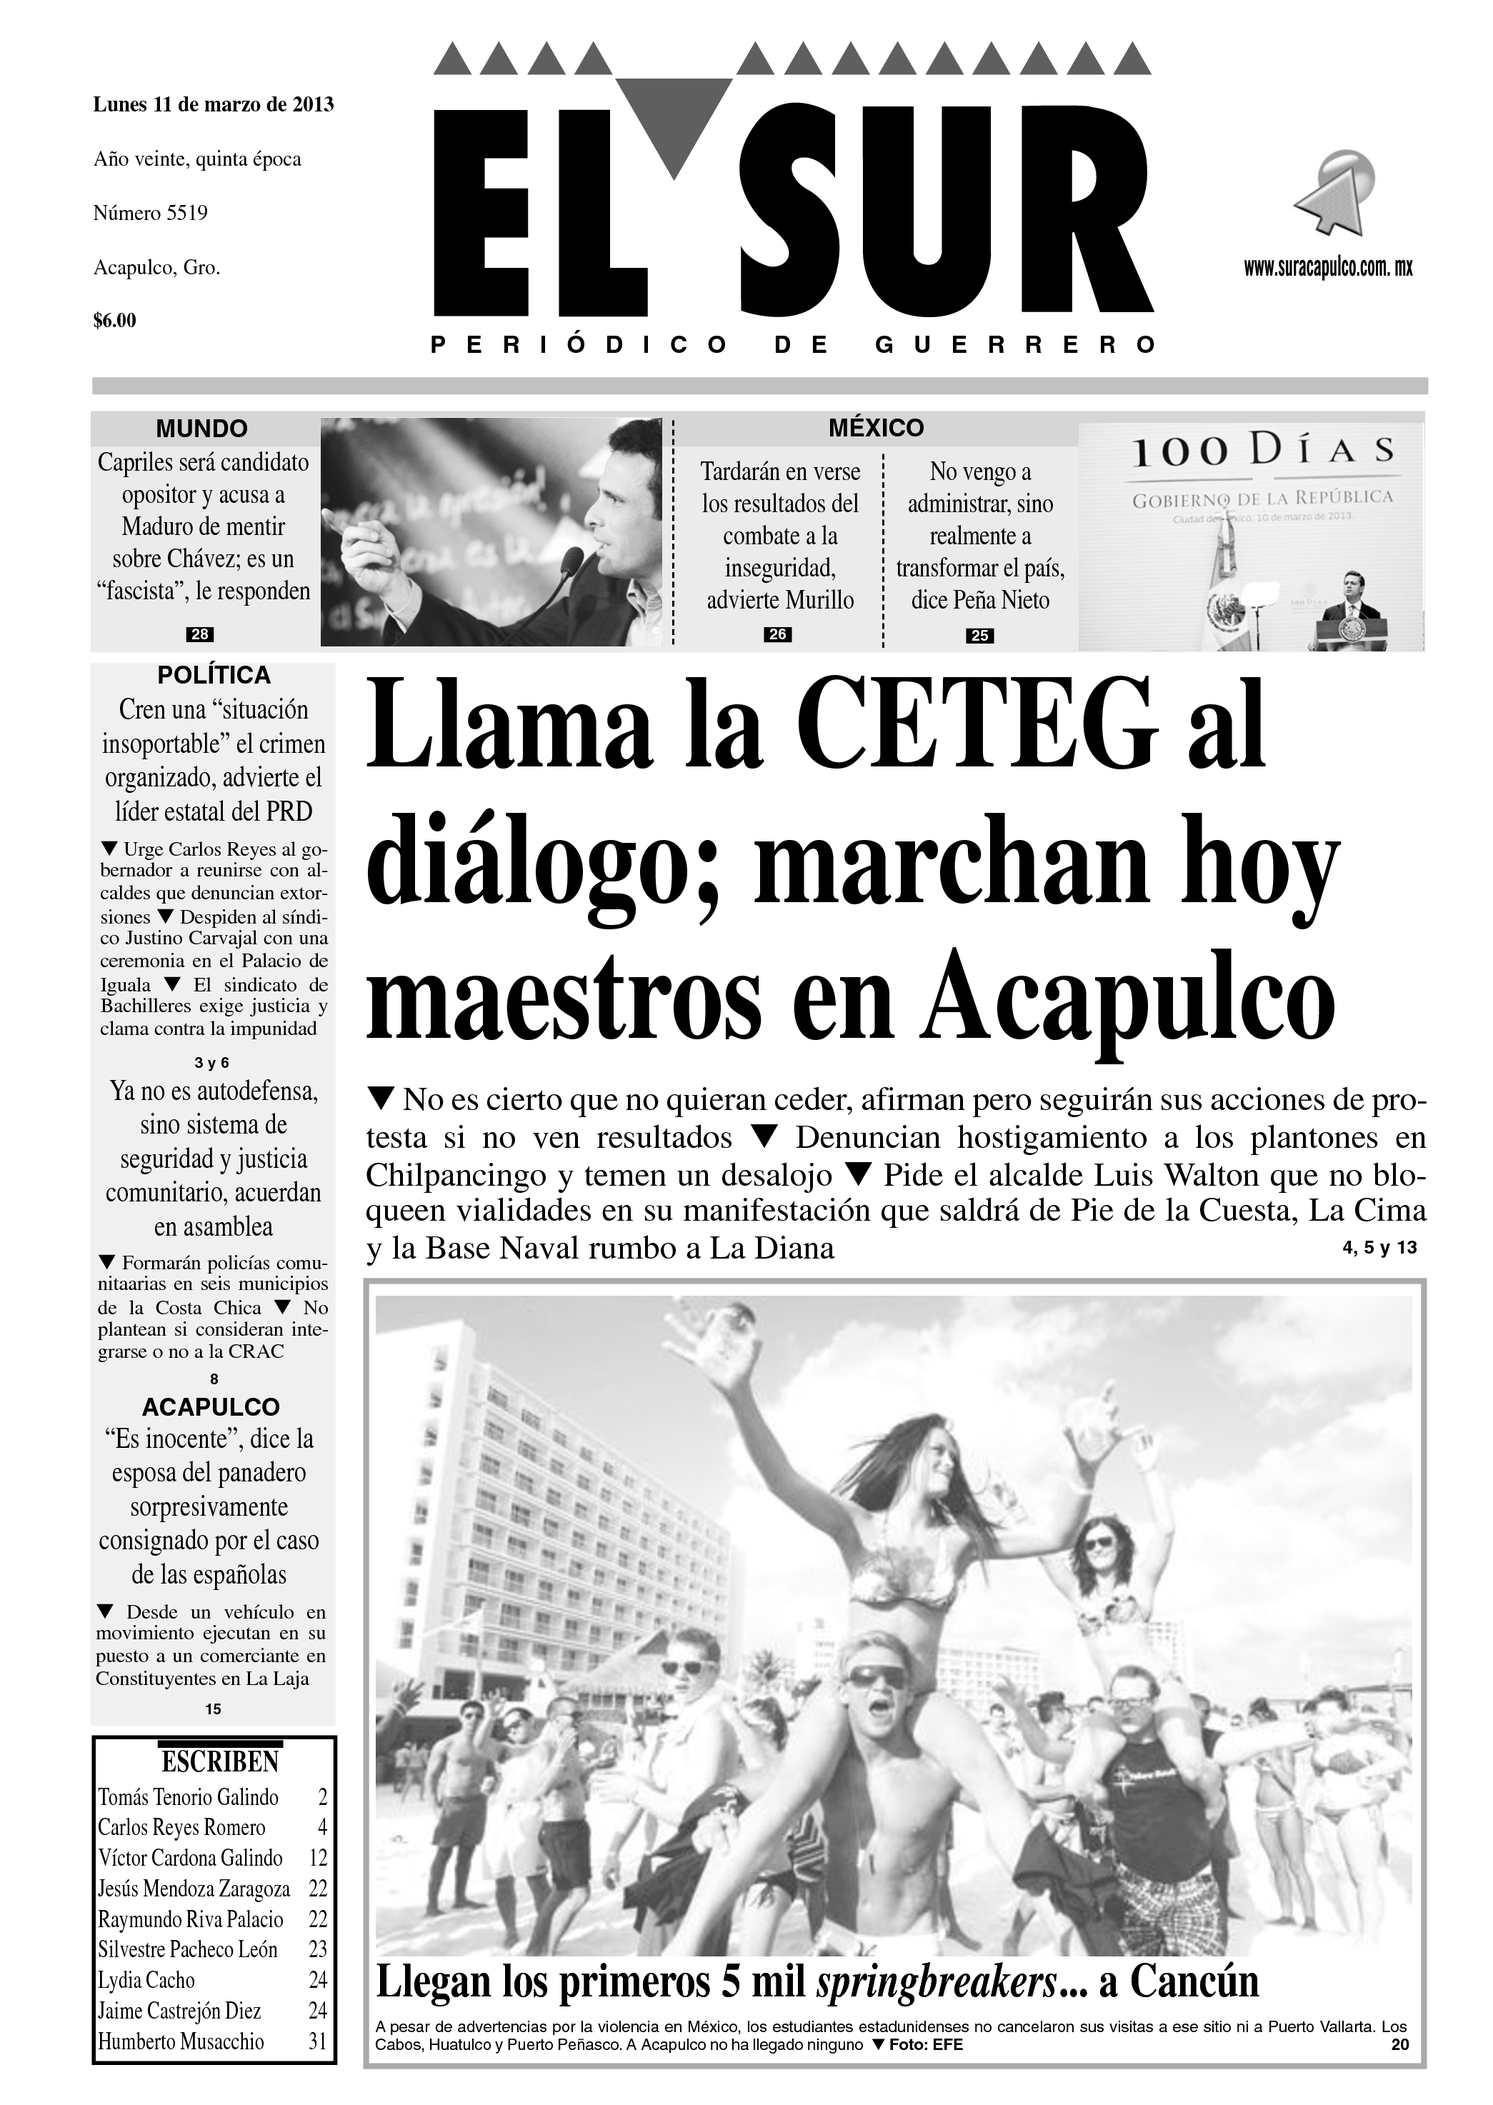 Viejo Hombre Maduro Busca Hombre Mayor De 20 Para La Relación En Puerto Vallarta